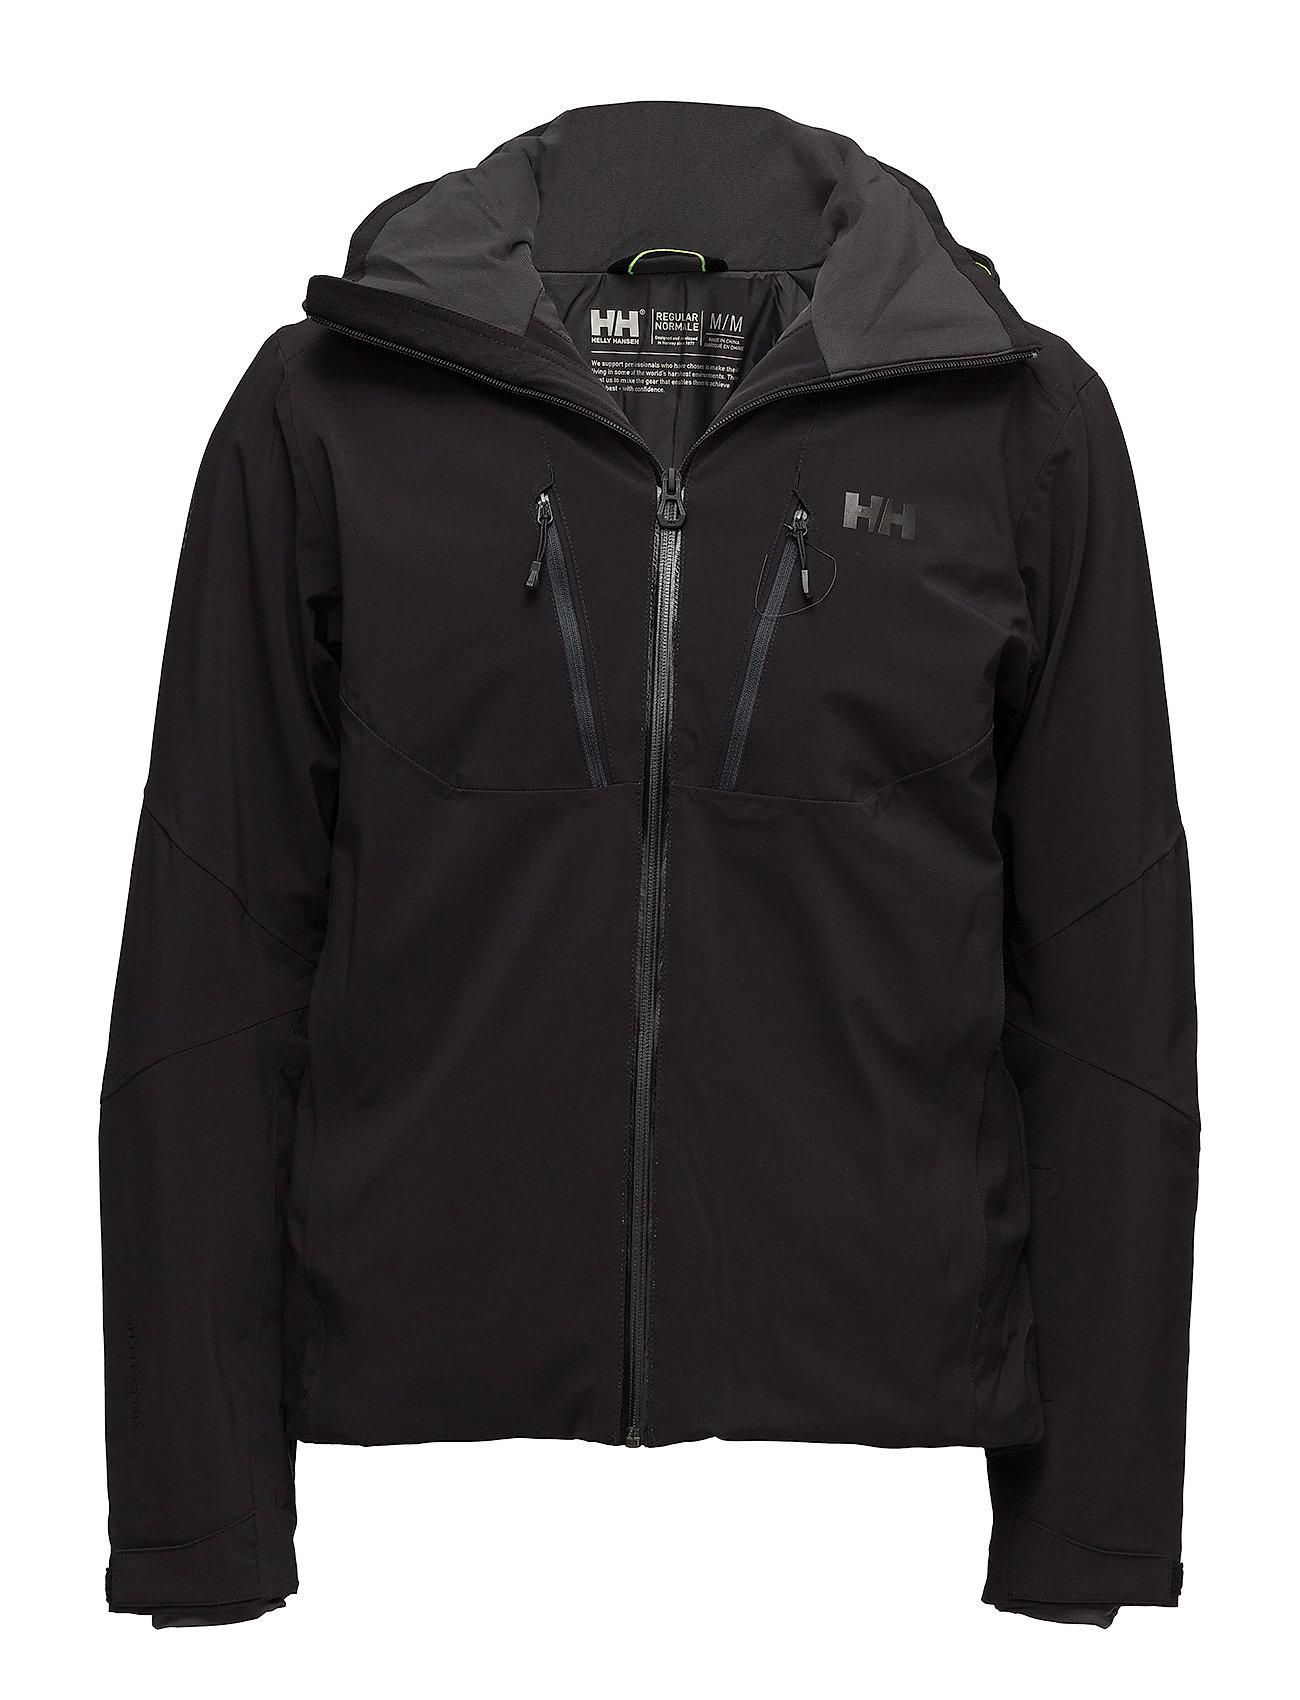 Lighting Jacket: Lightning Jacket (Black) (£192) - Helly Hansen